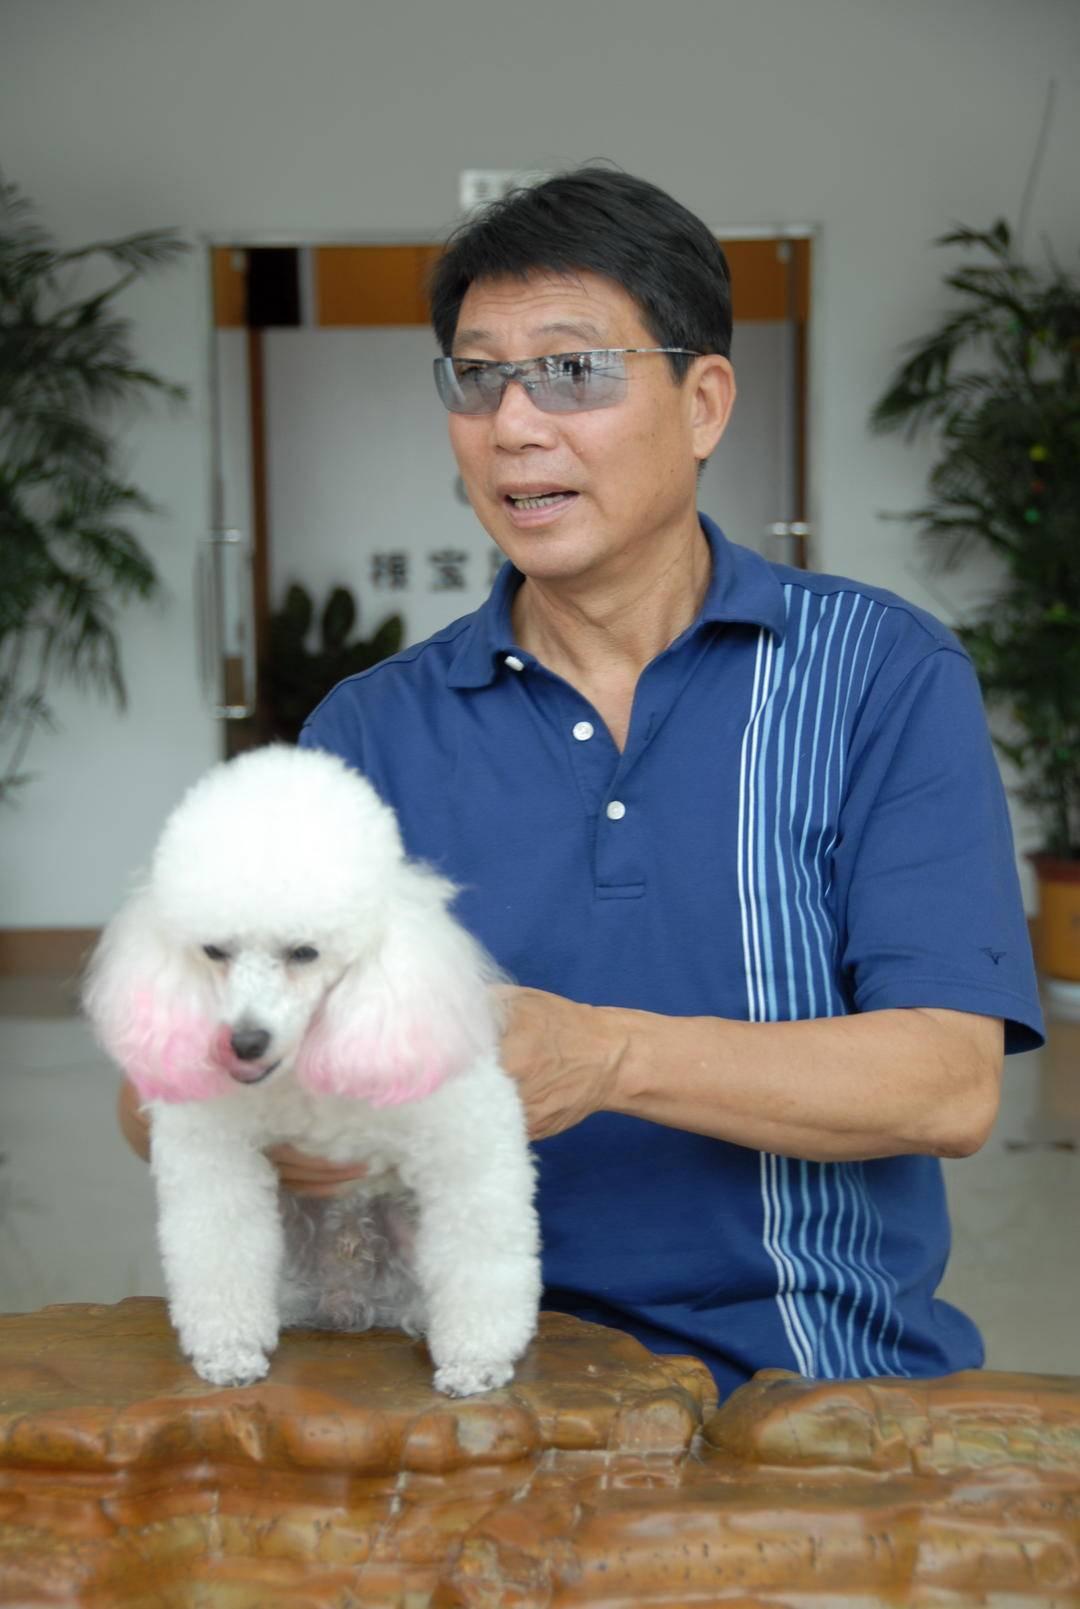 """它是一条见证中国足球兴衰的宠物狗:根宝基地的""""曼联""""宝贝走了!"""